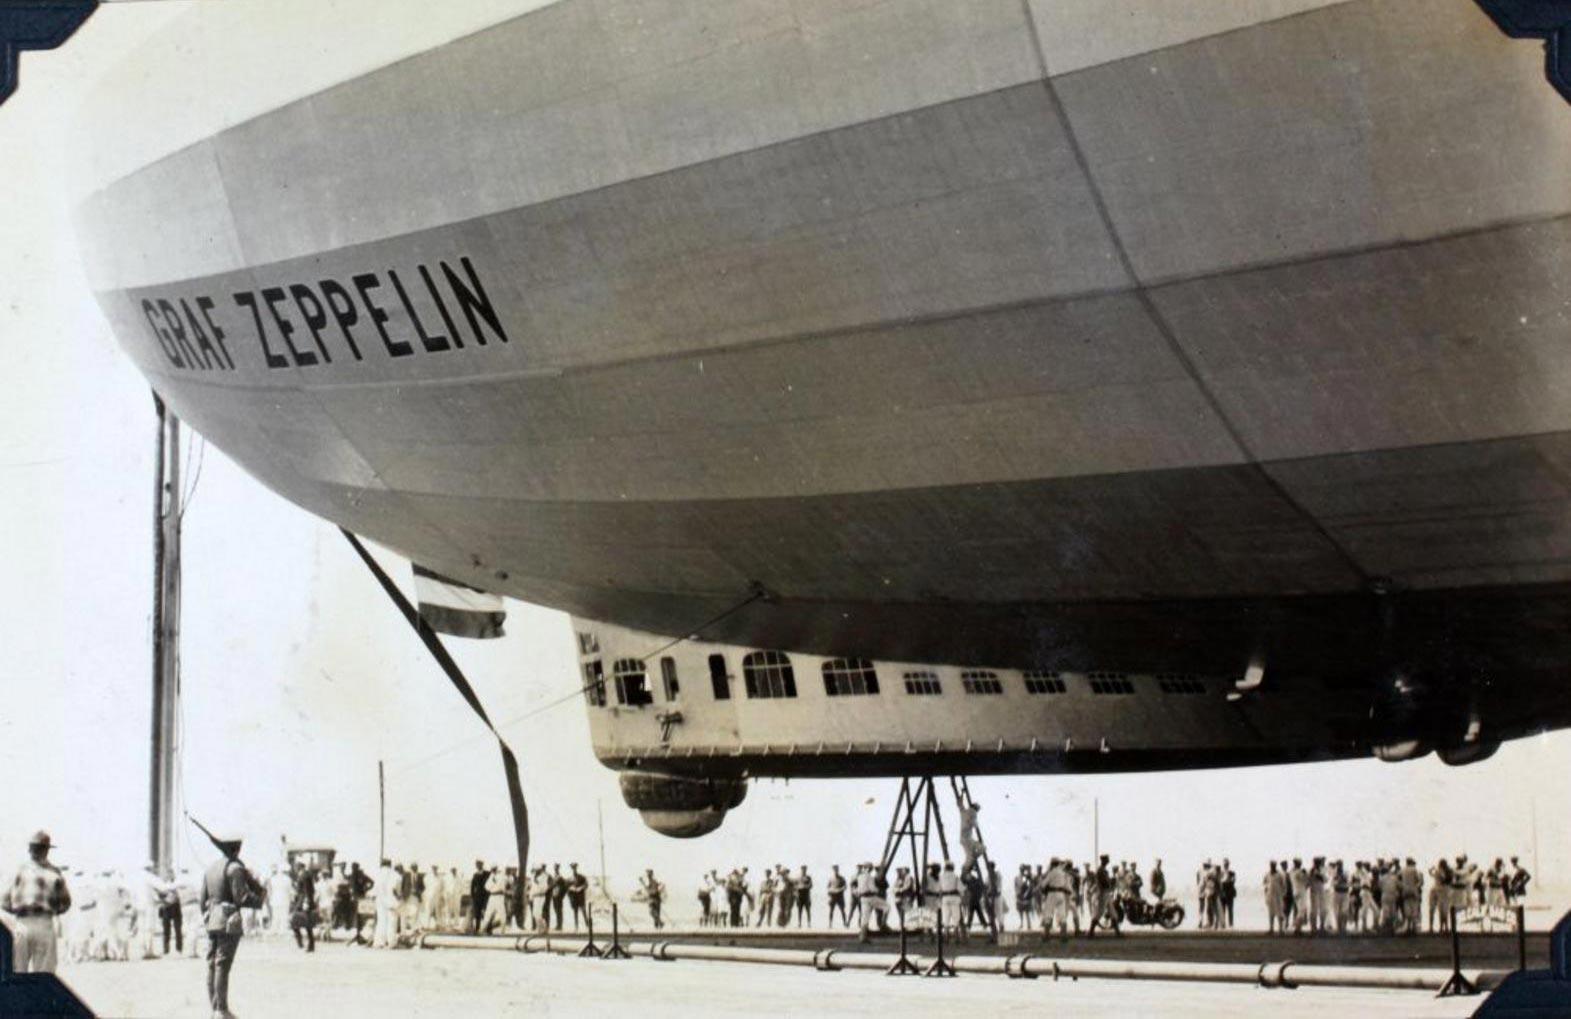 A zeppelin from the First World War.